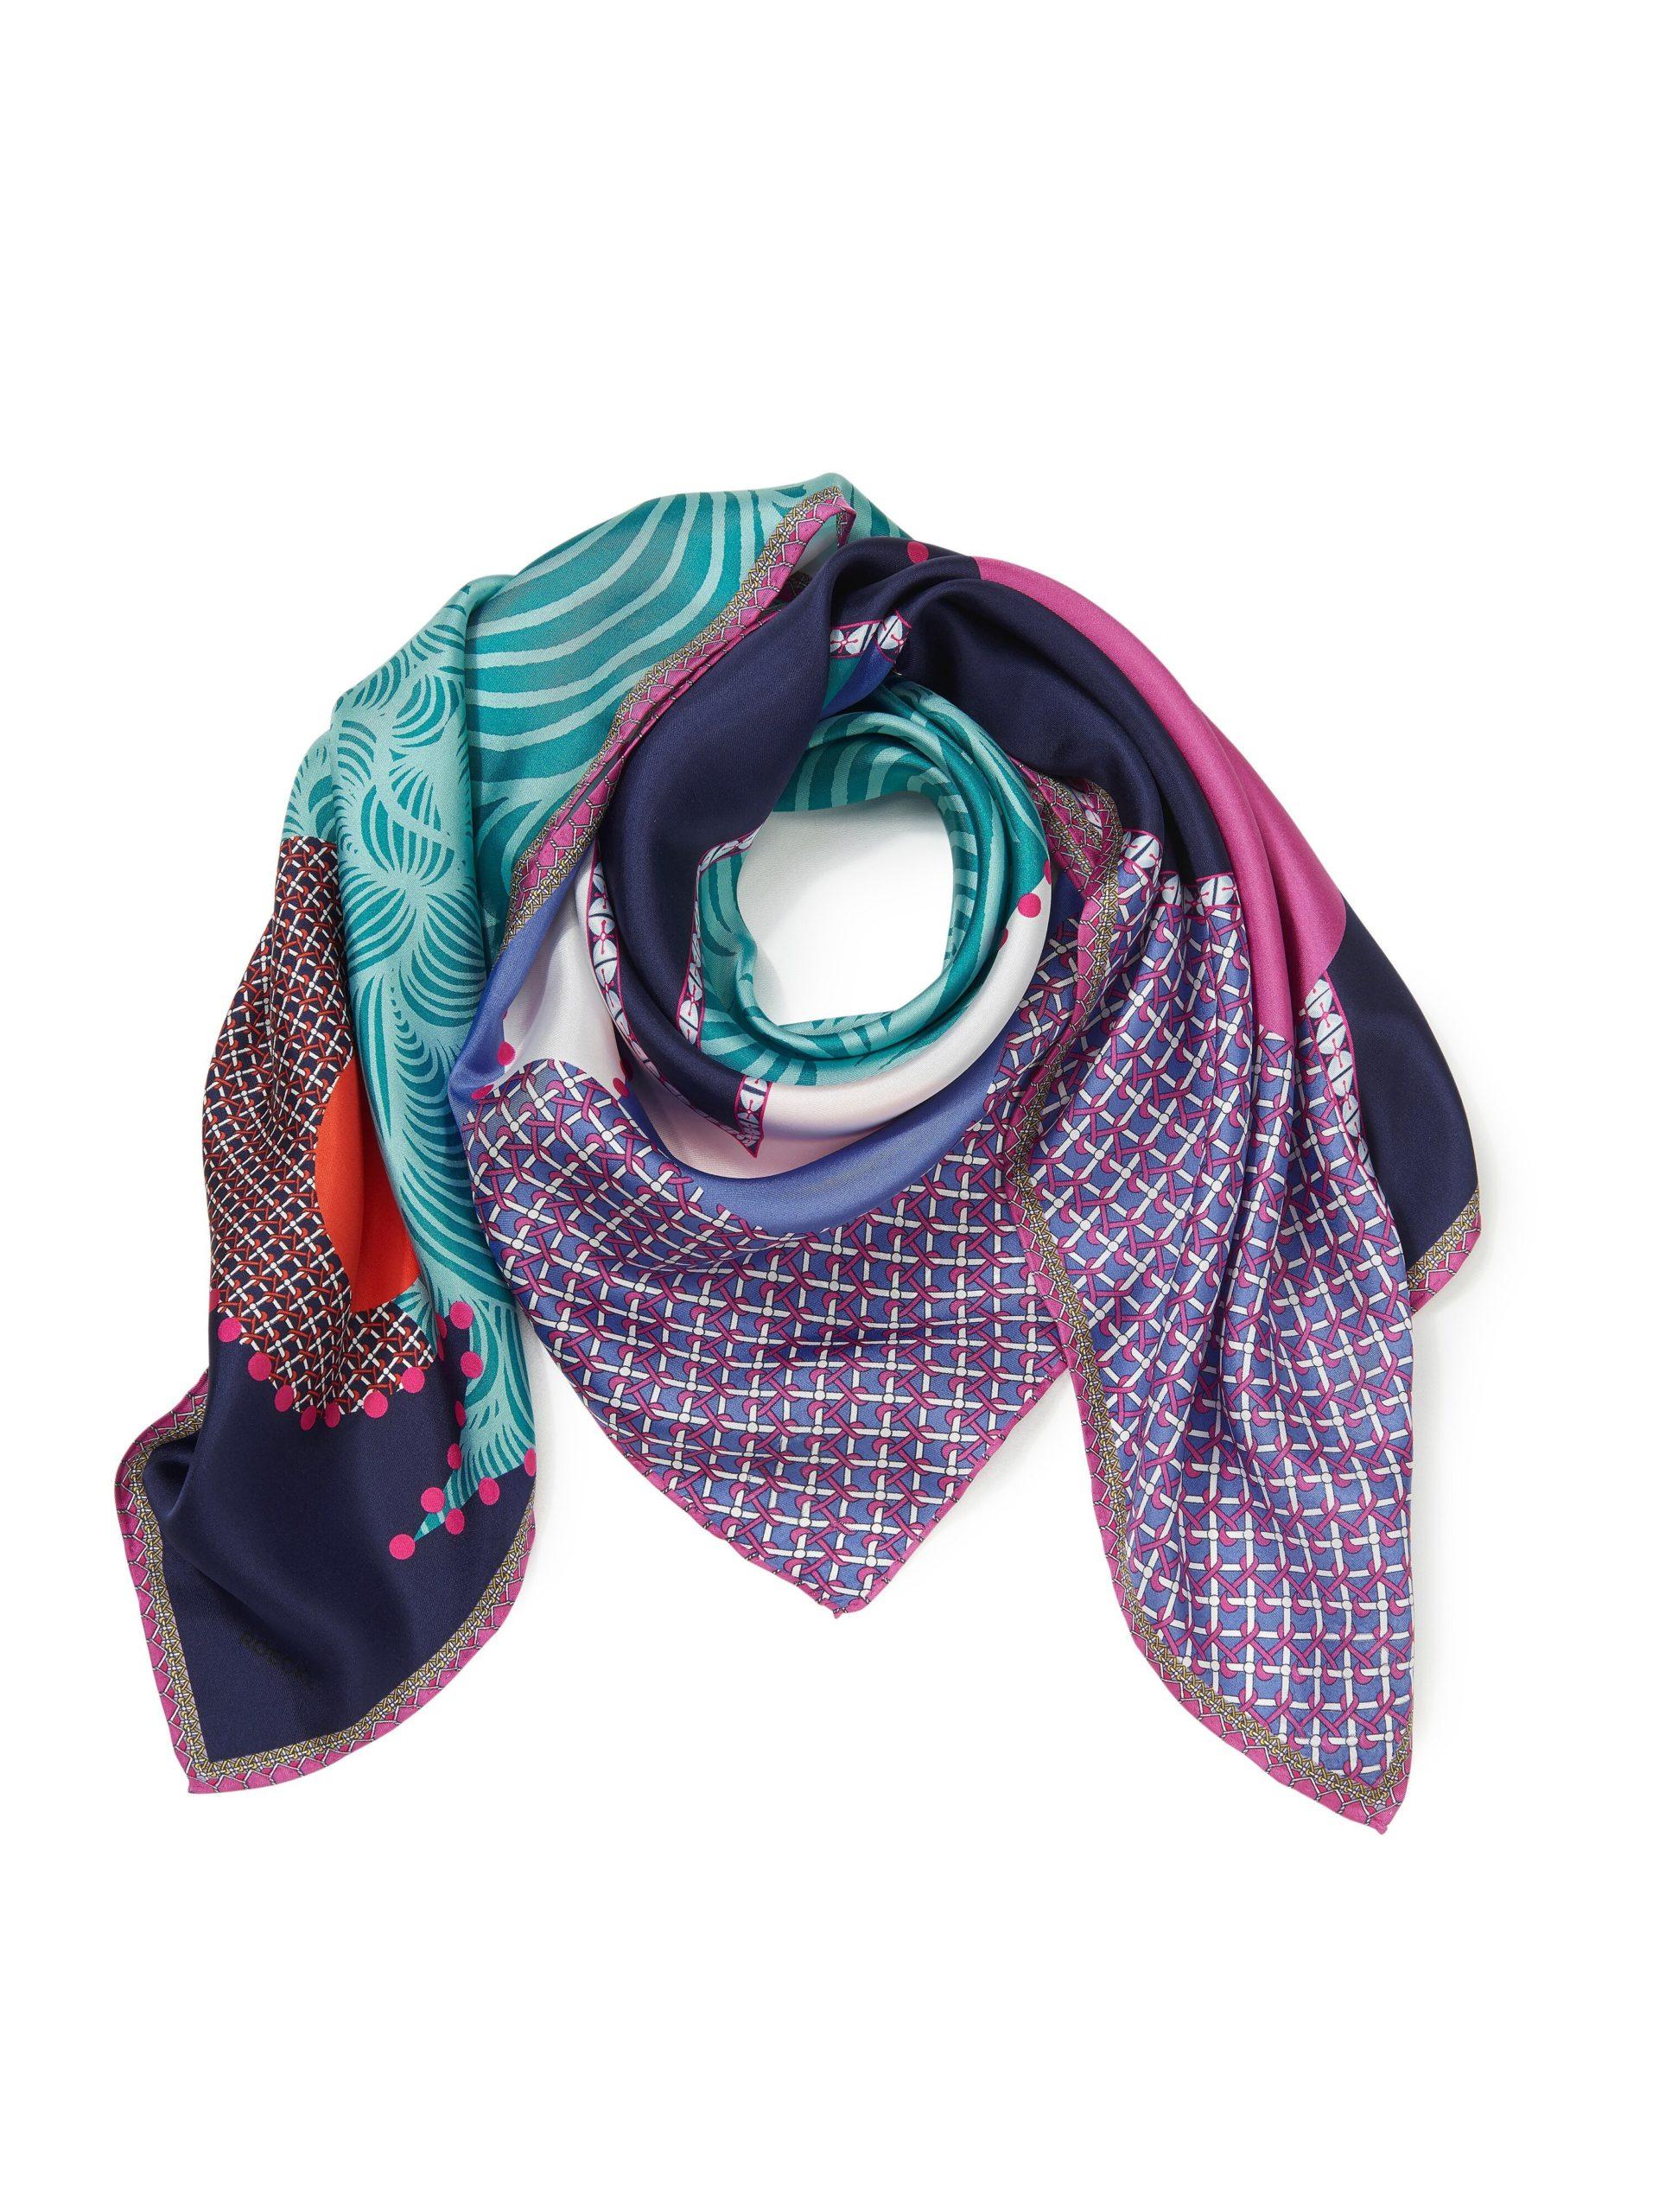 Sjaal van 100% zijde Van Roeckl multicolour Kopen